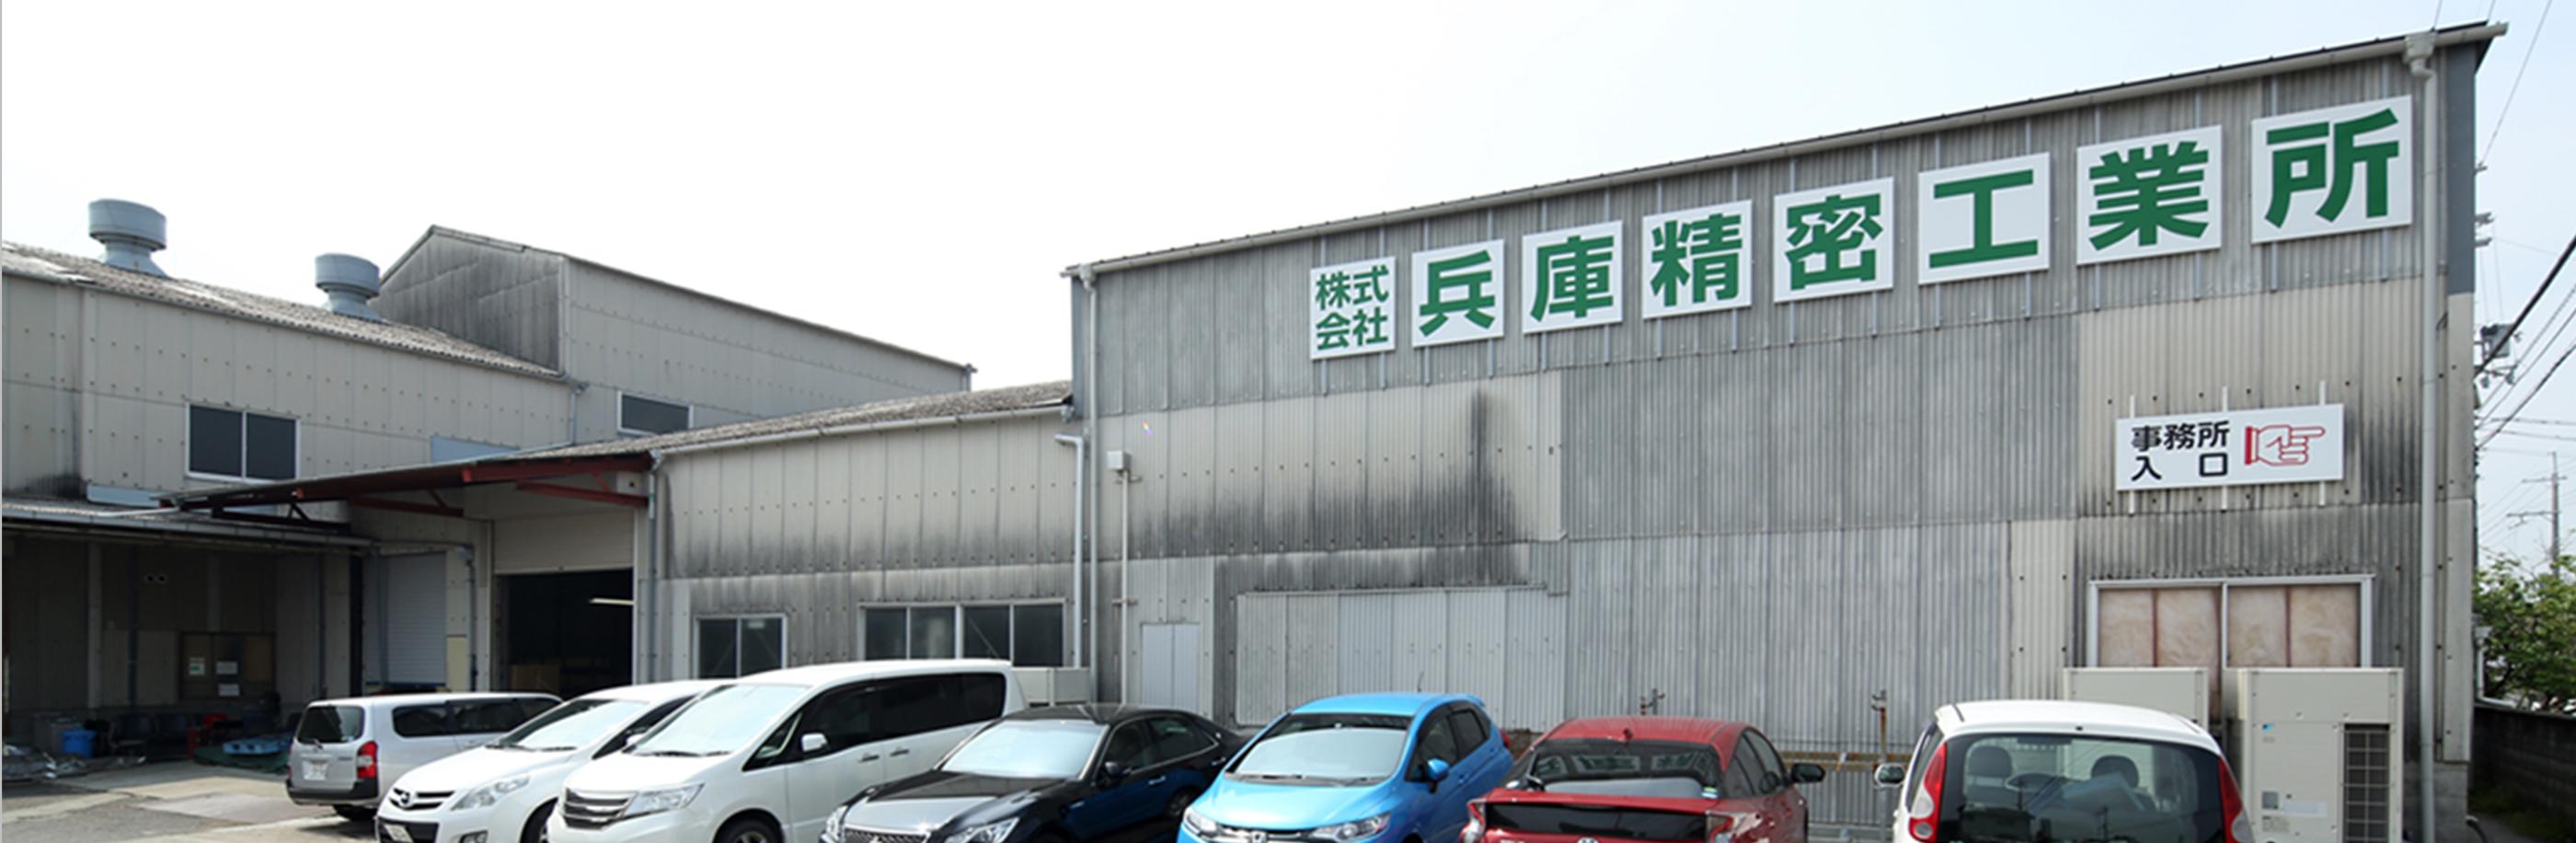 兵庫精密製作所の外観